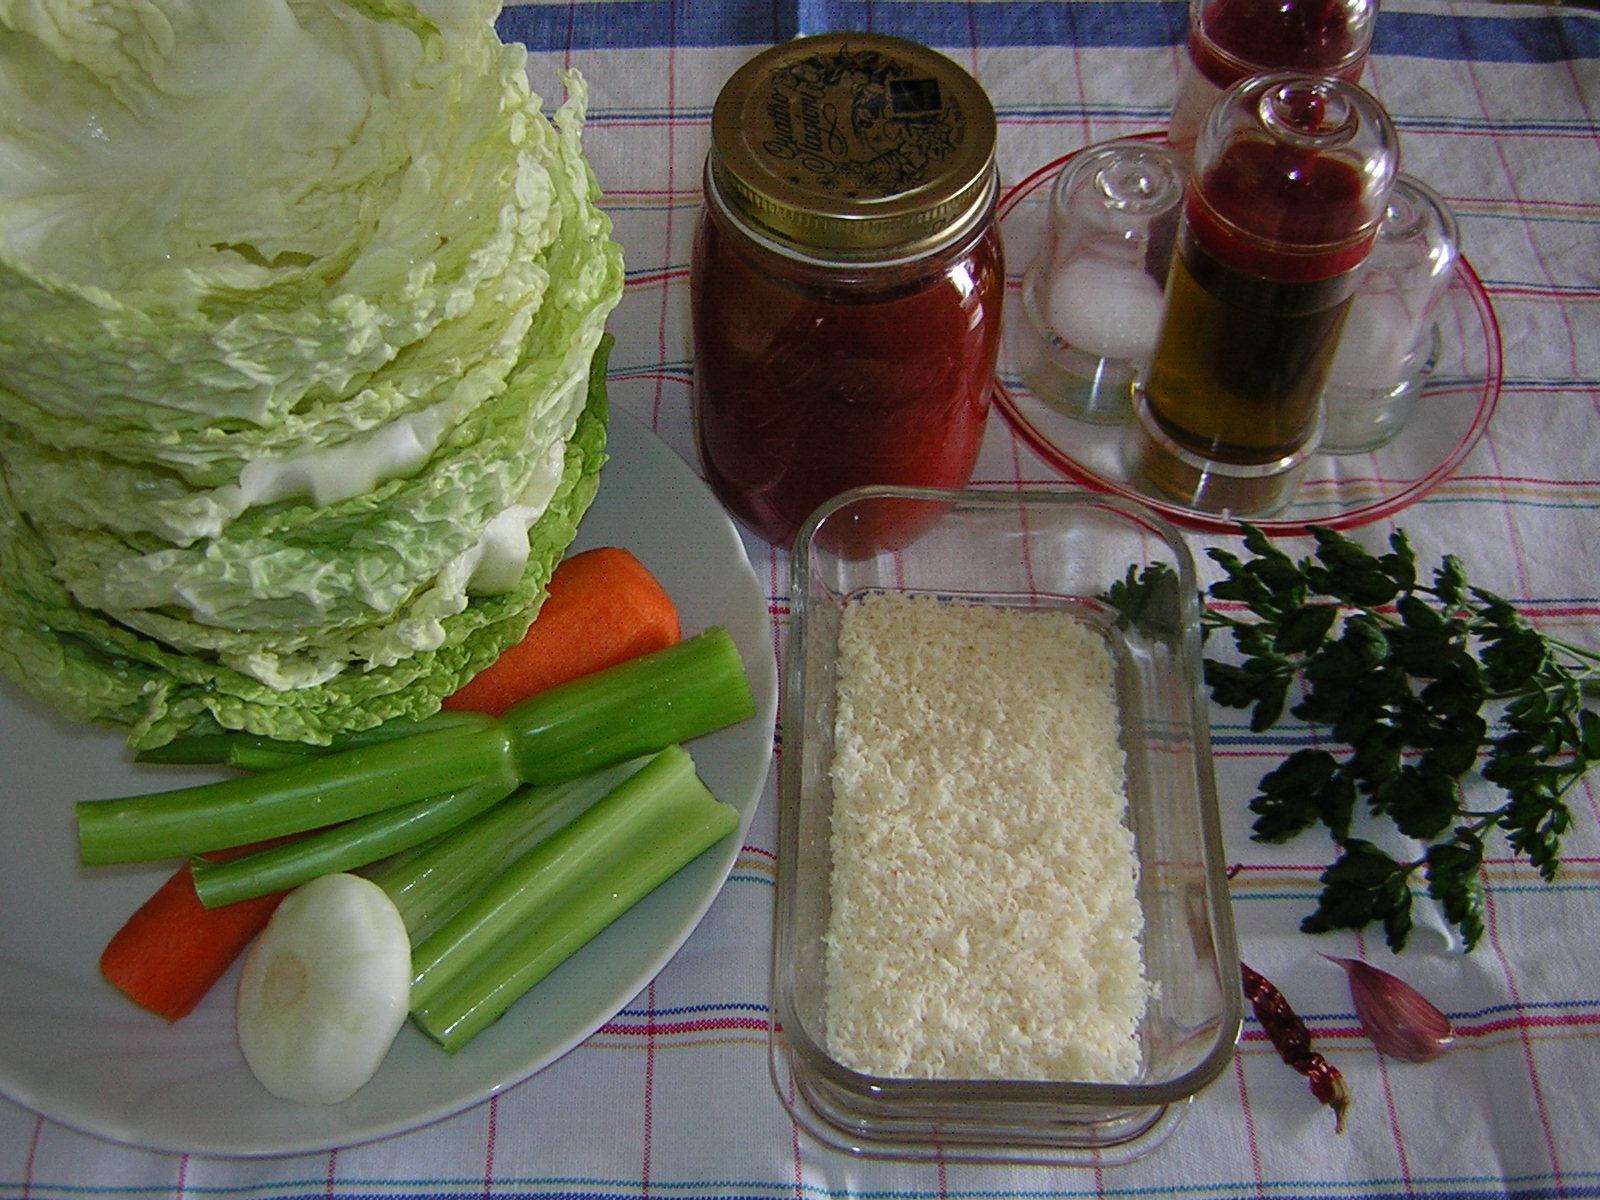 ingredienti per gli involtini di cavolo verza e riso